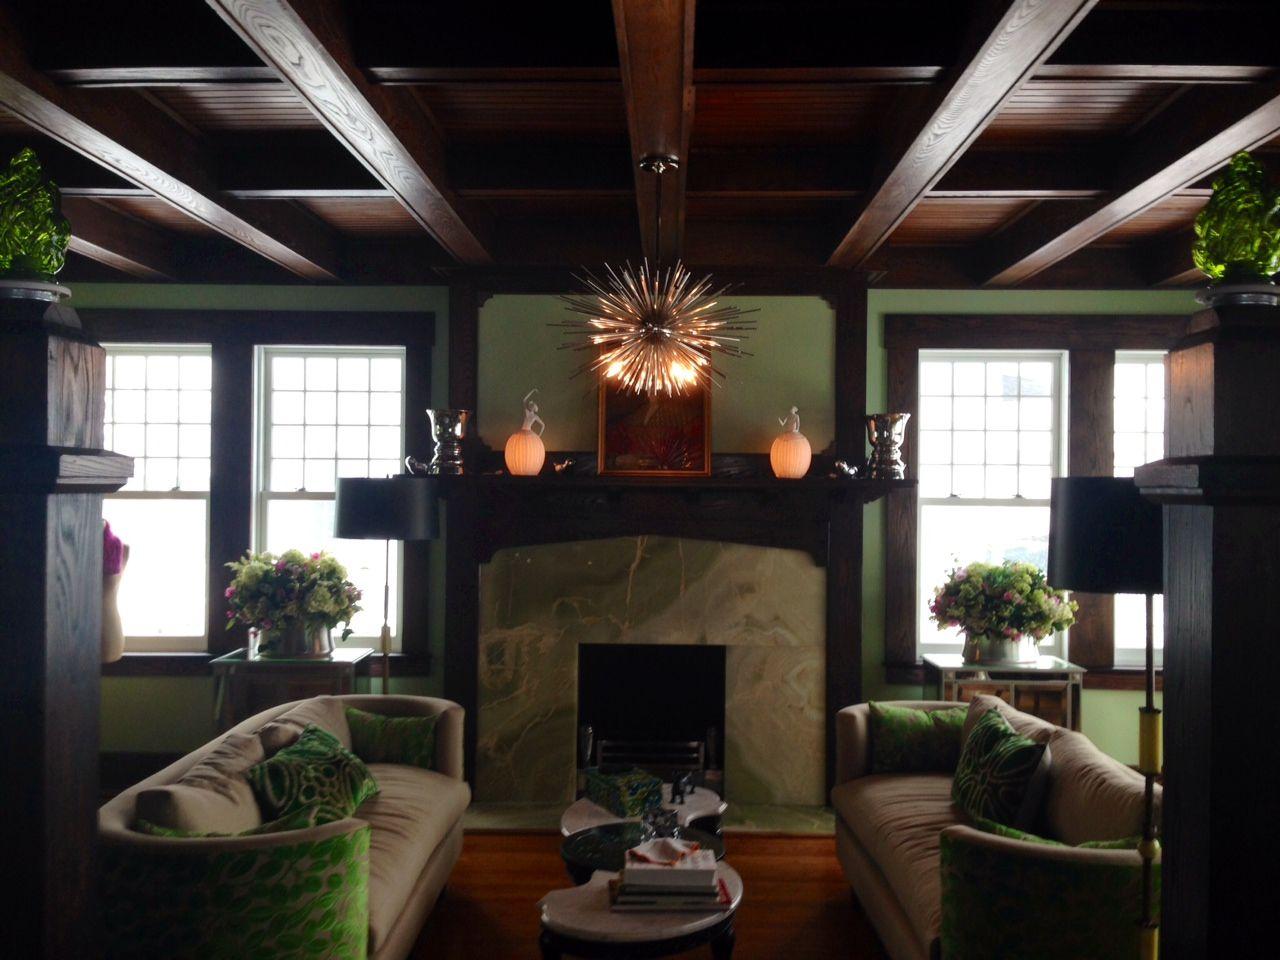 restoration of a 1905 craftsman home - degnan design | ddg